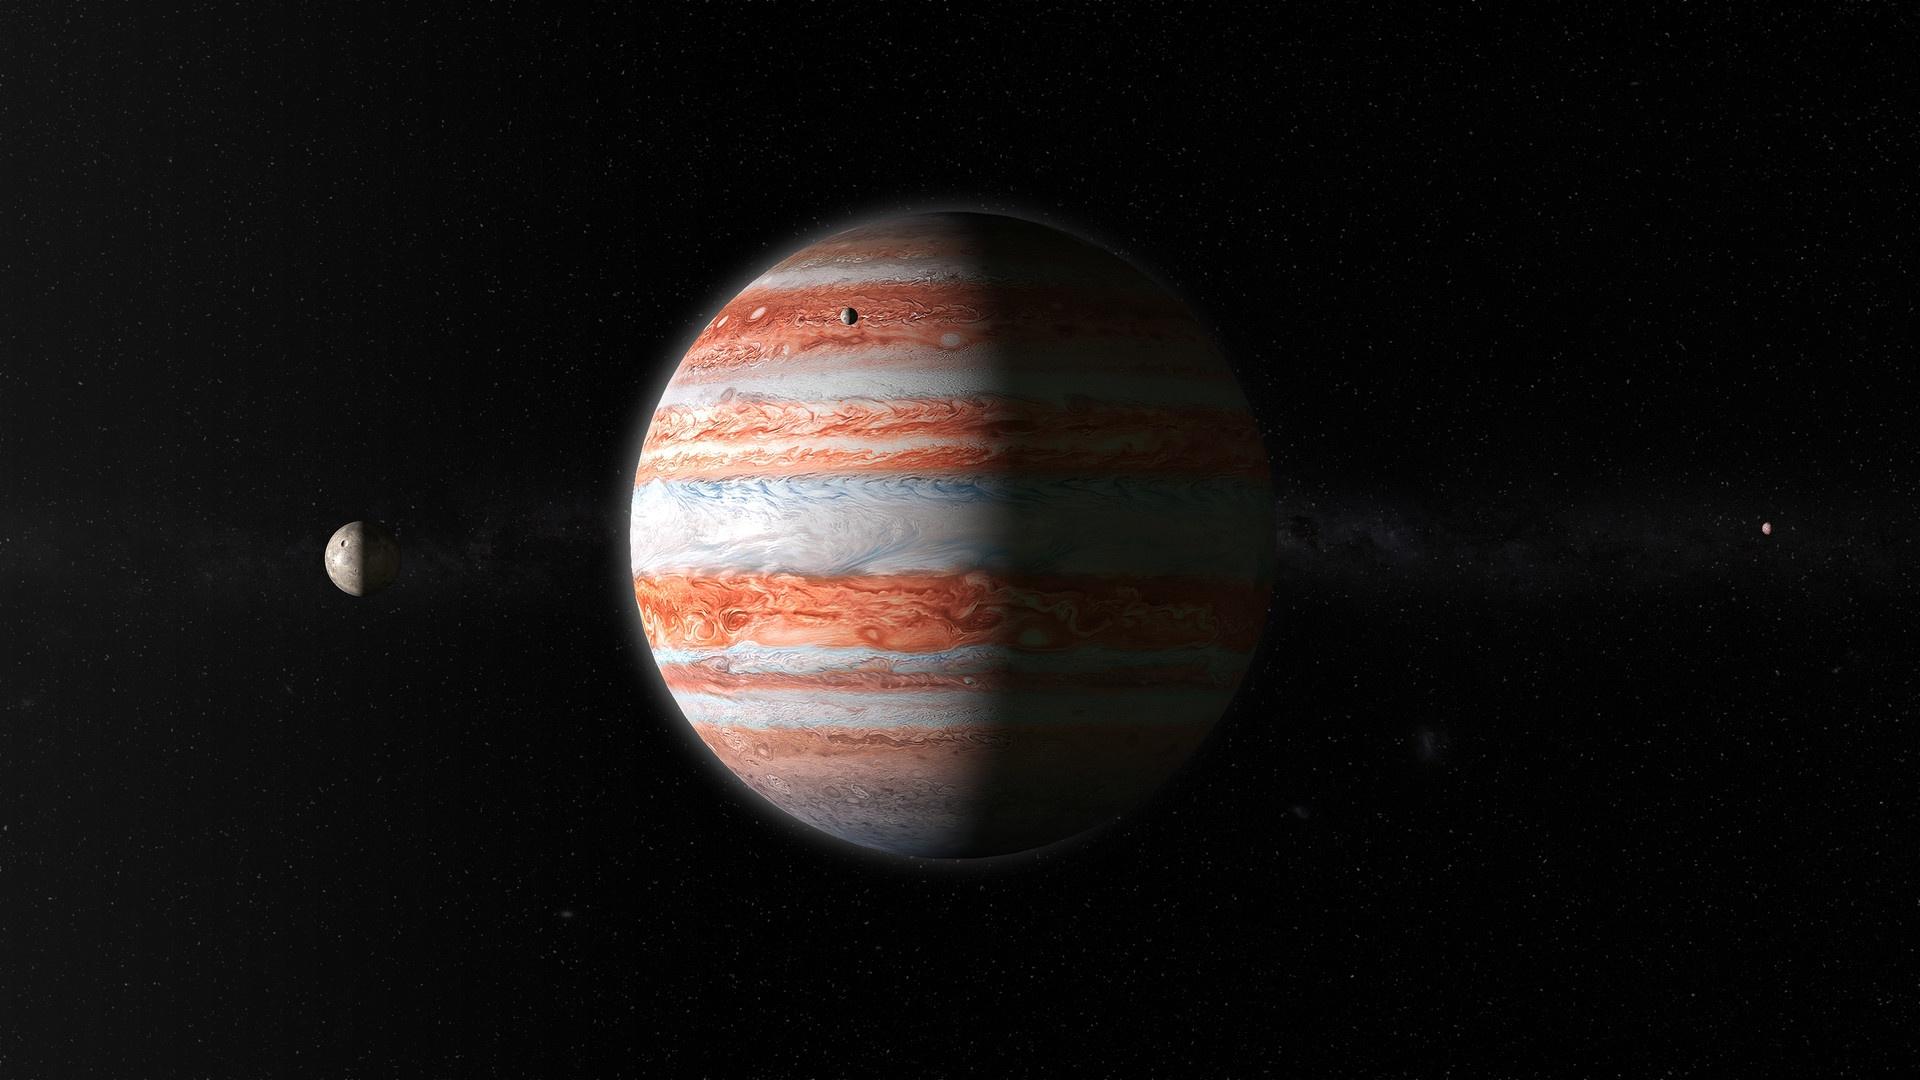 фото на обои планета юпитер зависимости типа профиля